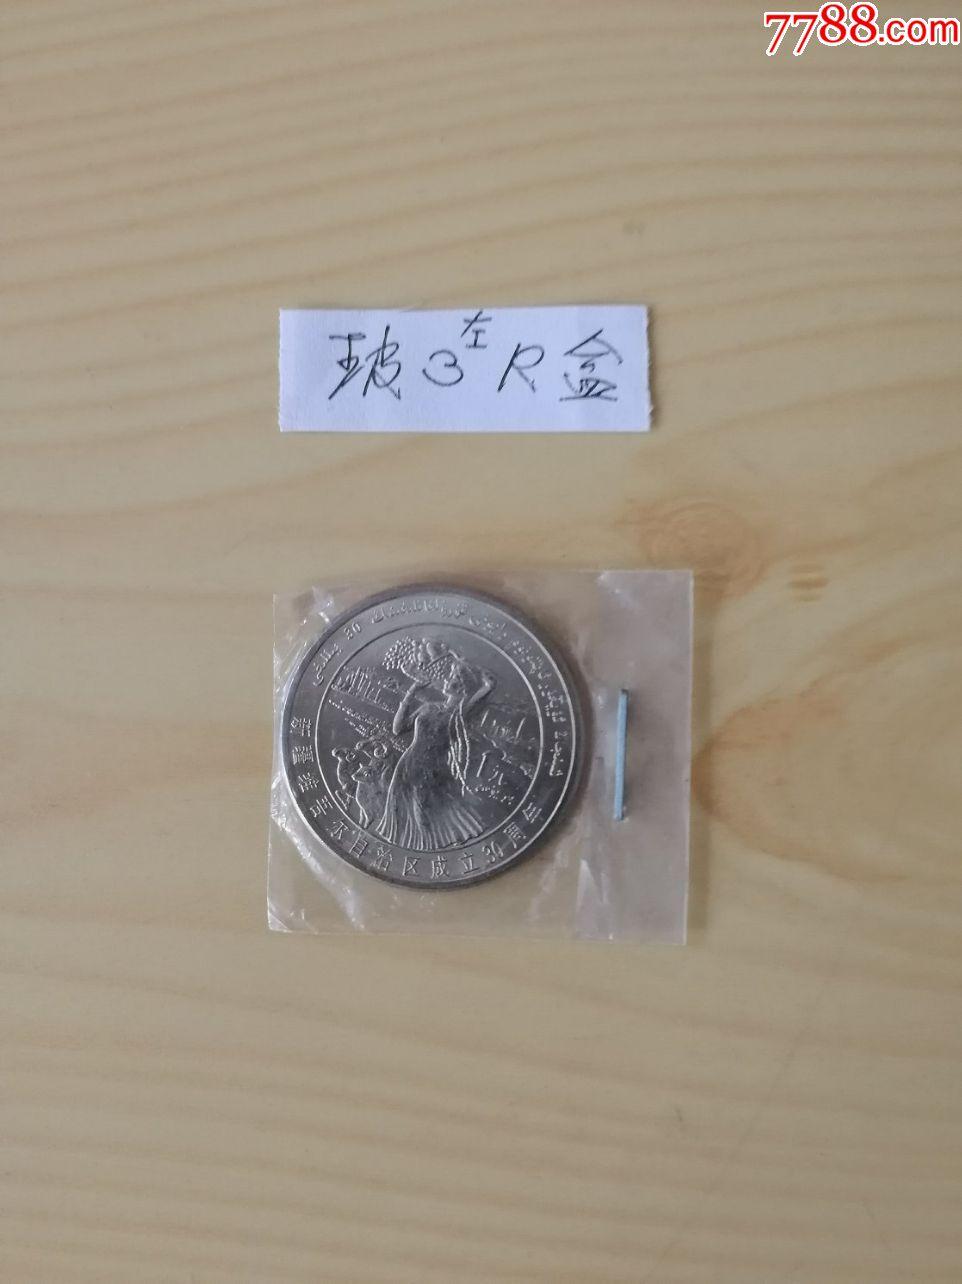 【高品质评级可获高分的】卷光新疆流通纪念币一枚(au17931324)_